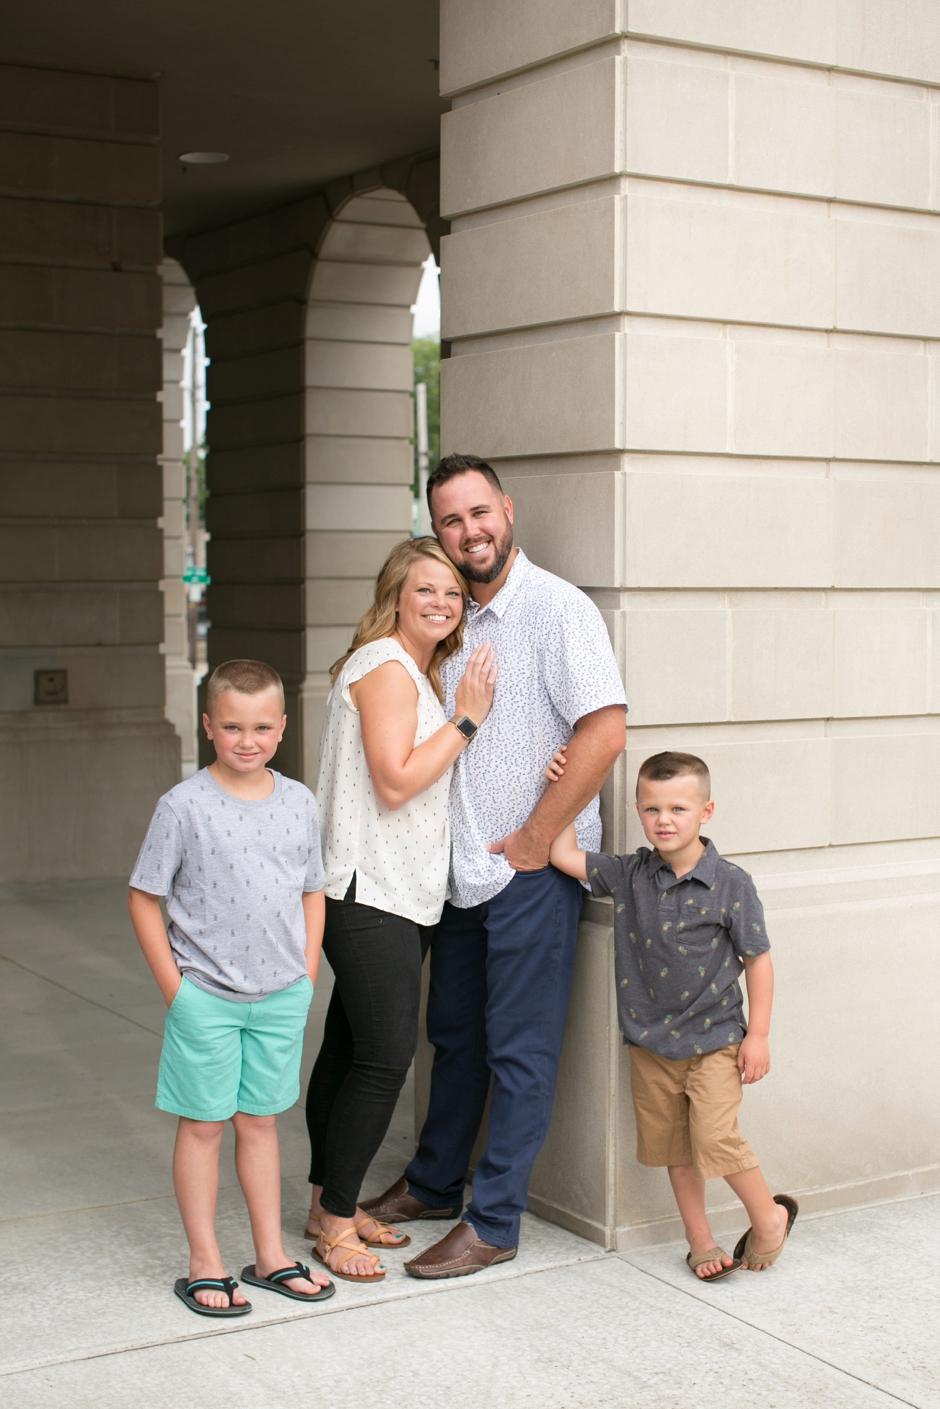 real-family-photography-joy-005.jpg